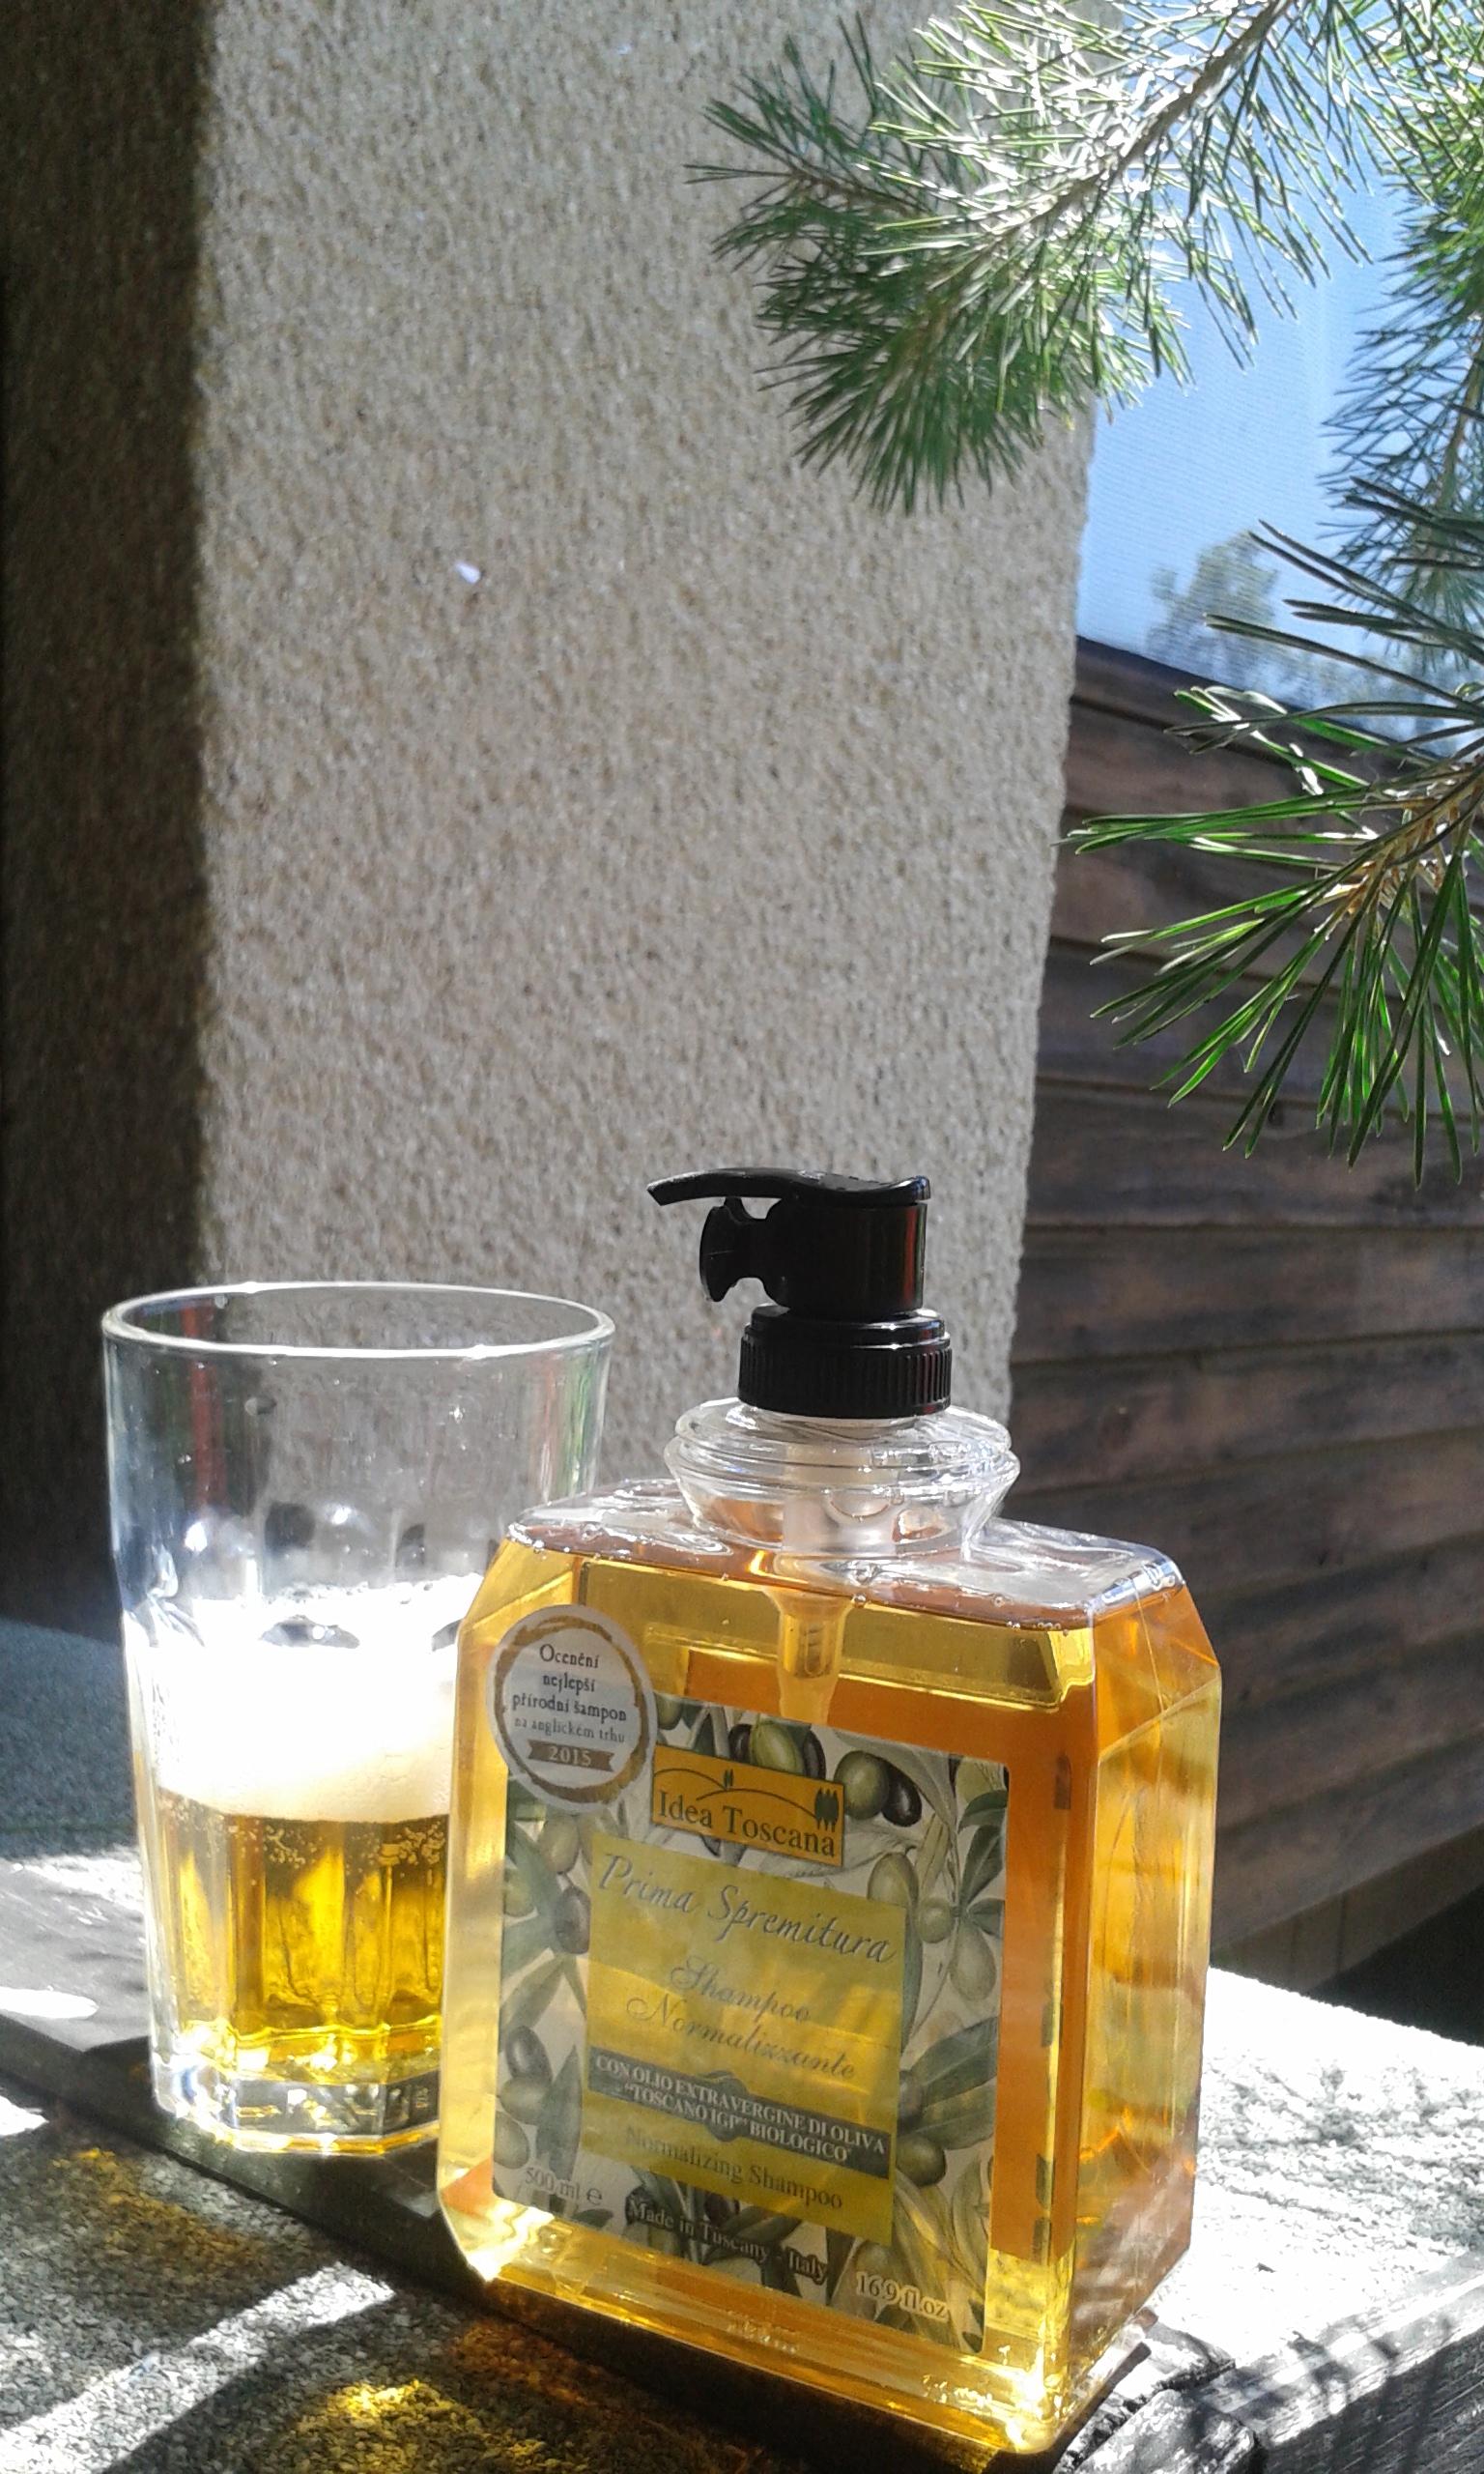 Proč obsah některých šarží šamponu, sprchového gelu nebo tekutého mýdla není čirý?